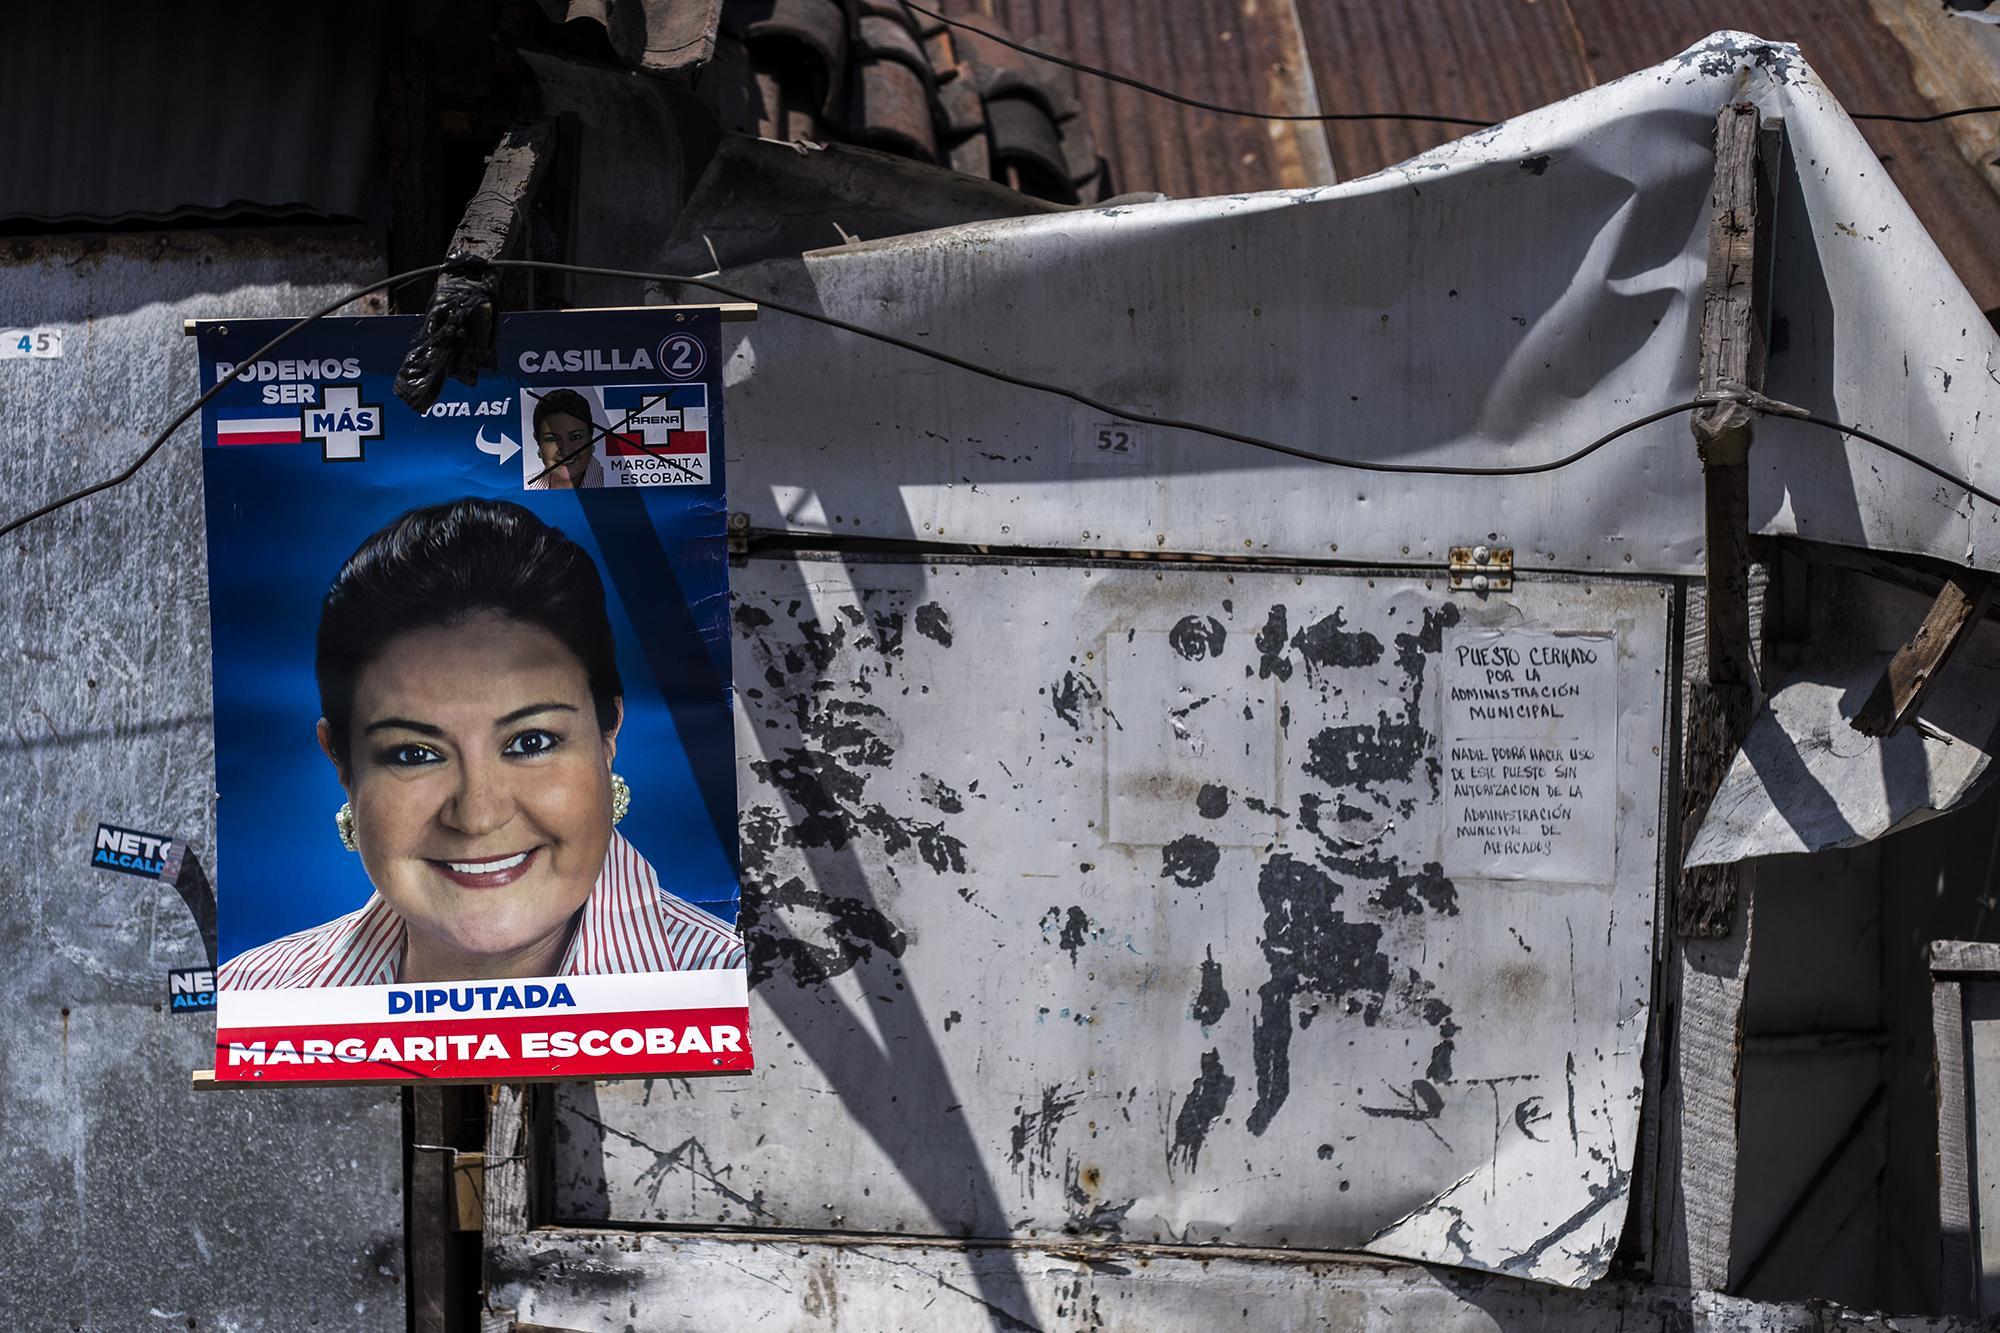 Margarita Escobar aparece en un afiche electoral de las pasadas elecciones de diputados y alcaldes. Fue viceministra de relaciones exteriores durante el gobierno de Saca. En diciembre de 2007, la Presidencia emitió un recibo a su nombre por $7,000. Actualmente es una de las voceras de Arena y de la campaña de Calleja y Lazo. Foto: Archivo El Faro.